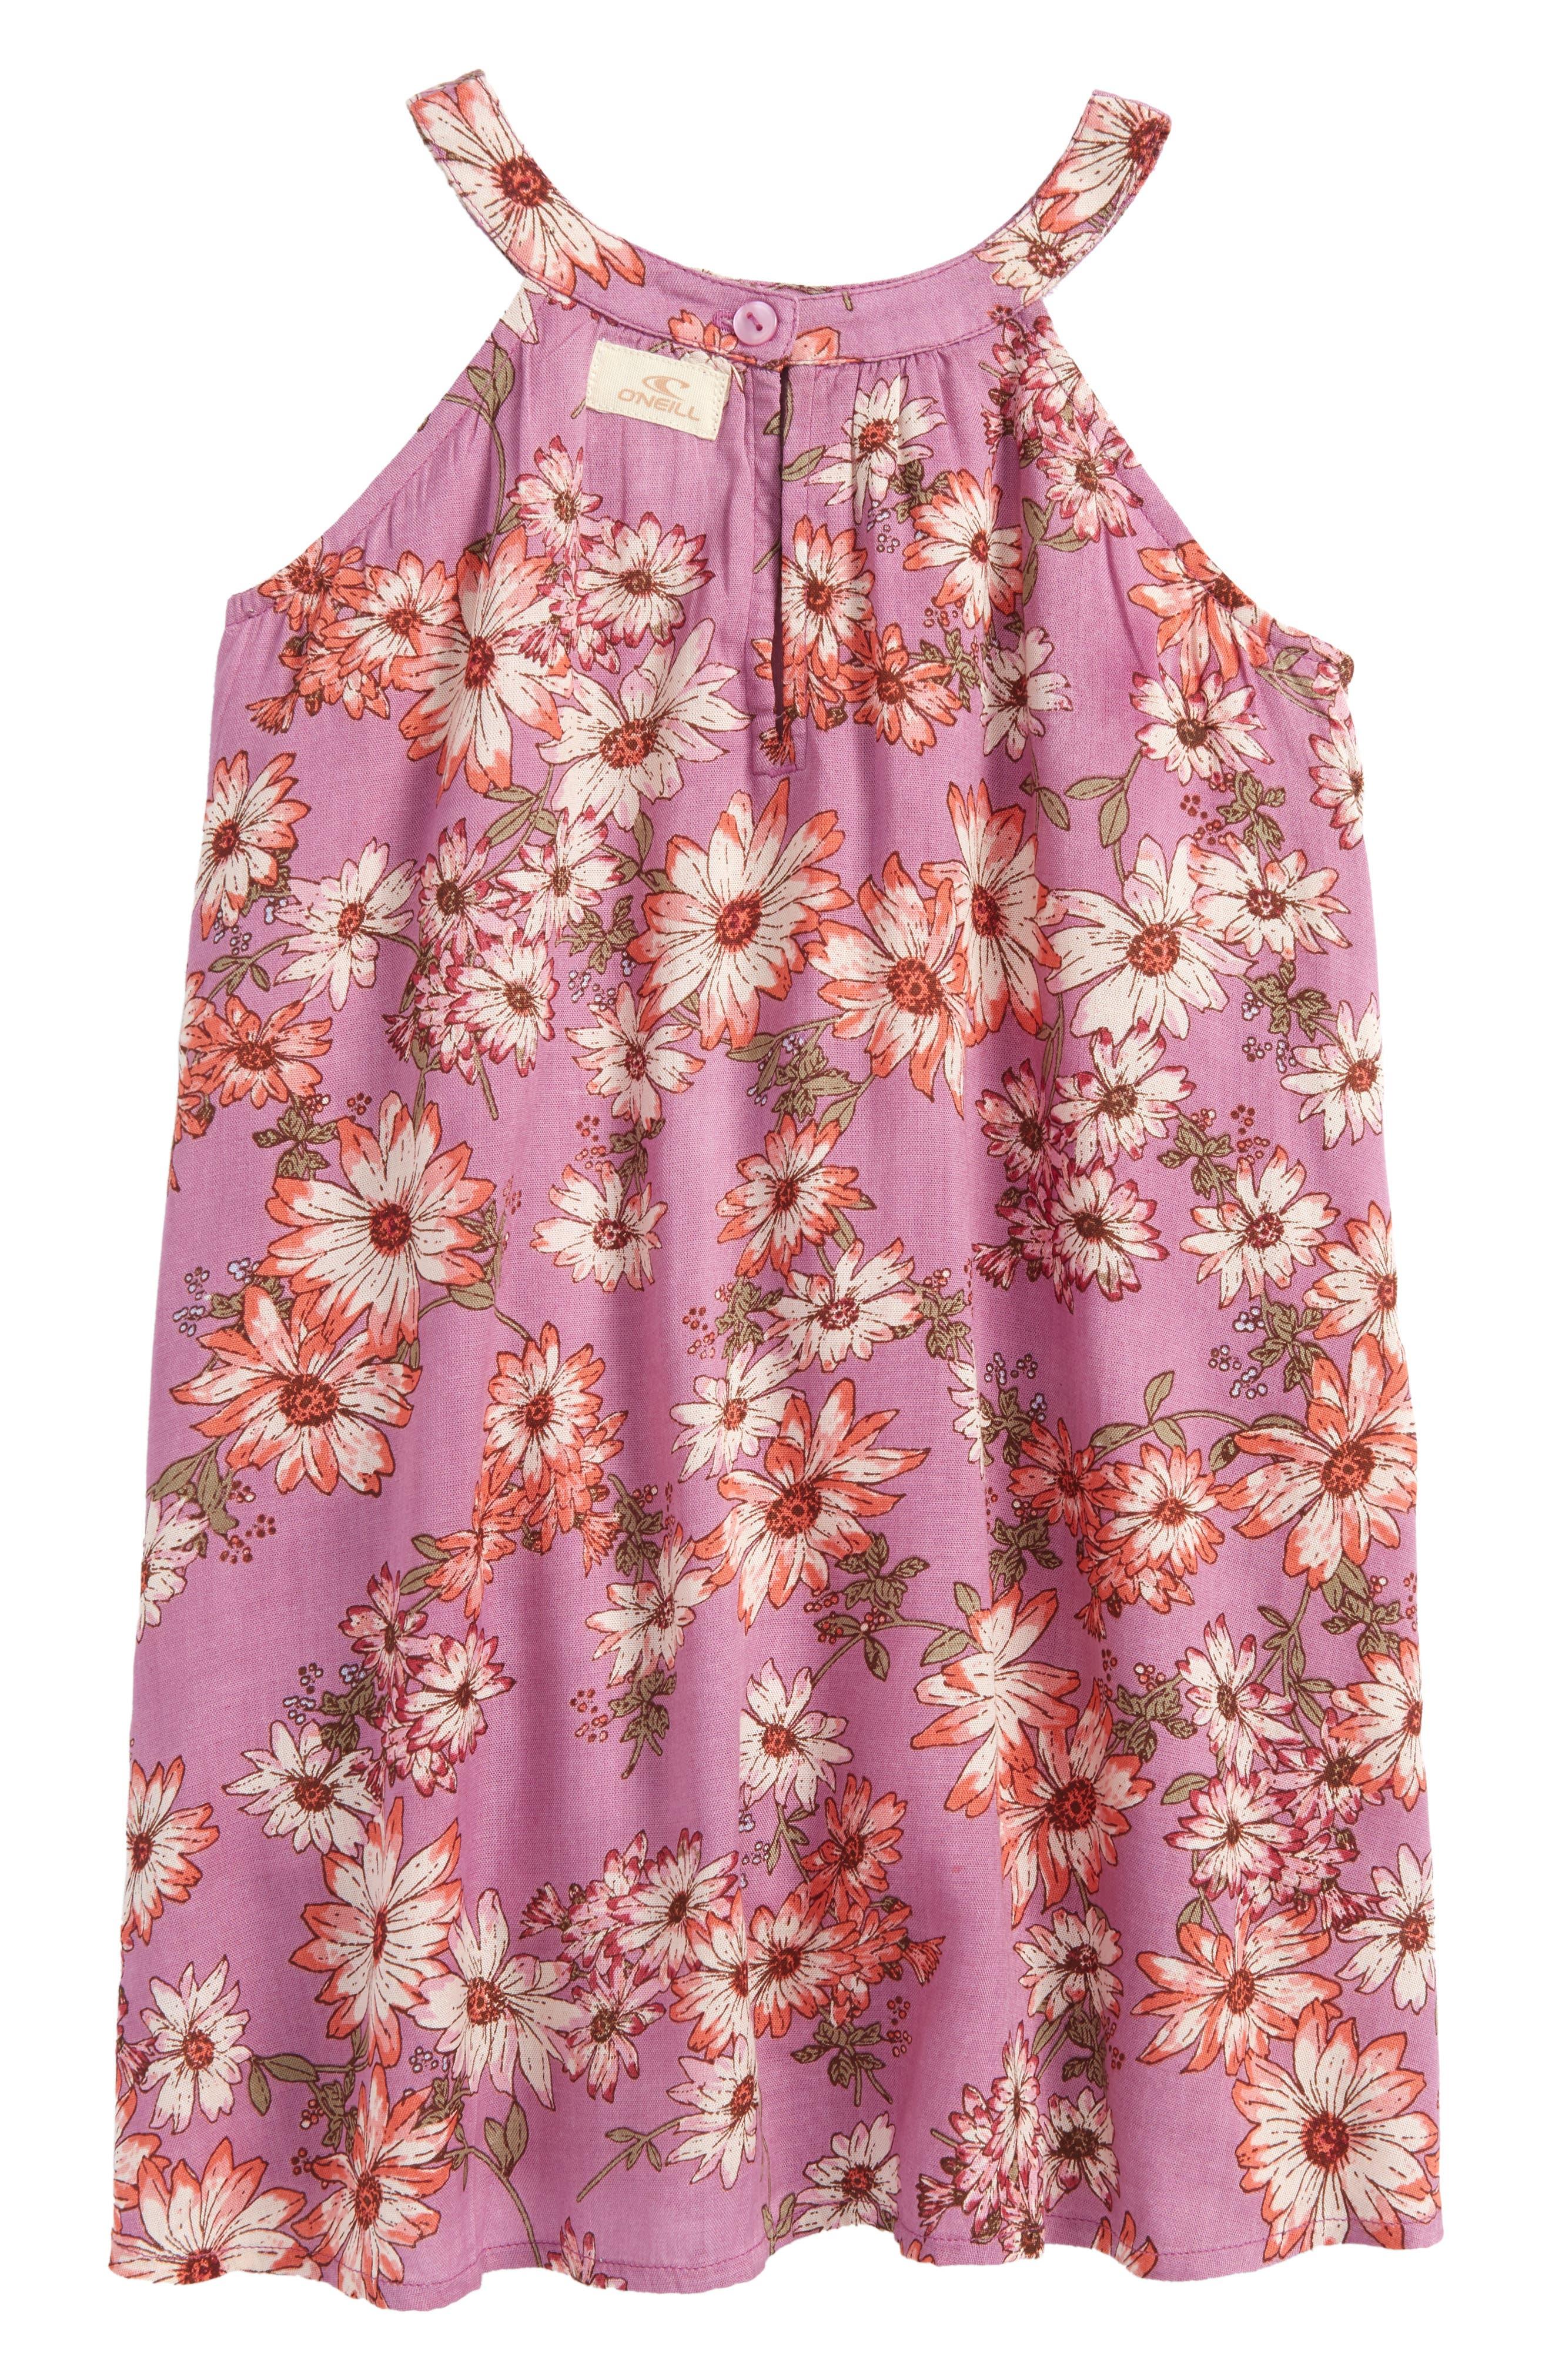 Sallie Floral Dress,                             Main thumbnail 1, color,                             Dusty Lavender